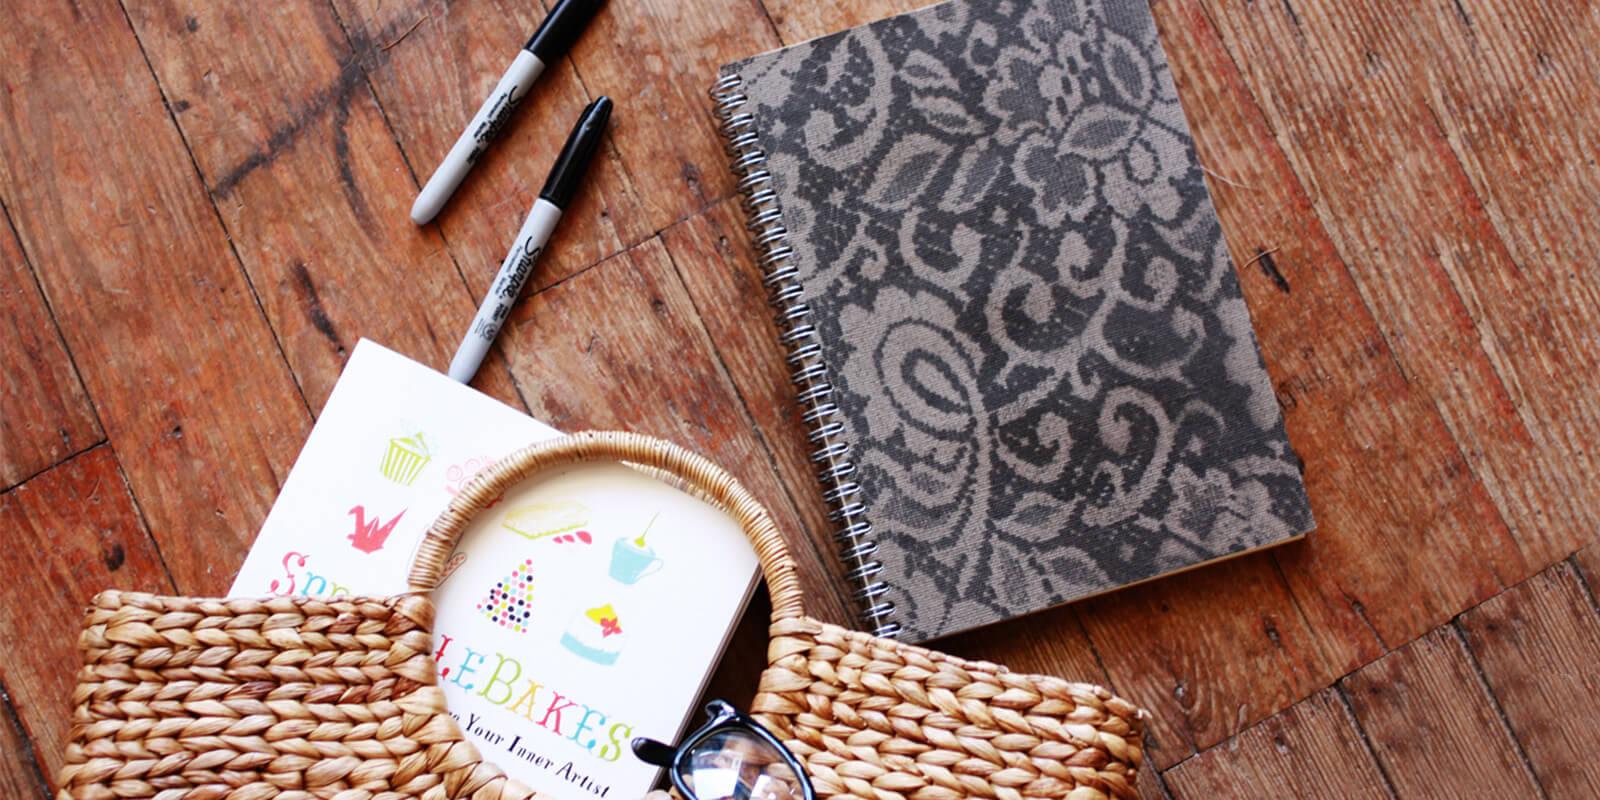 Bút và sổ sẽ là món quà phù hợp tặng cô giáo trong ngày 20/10